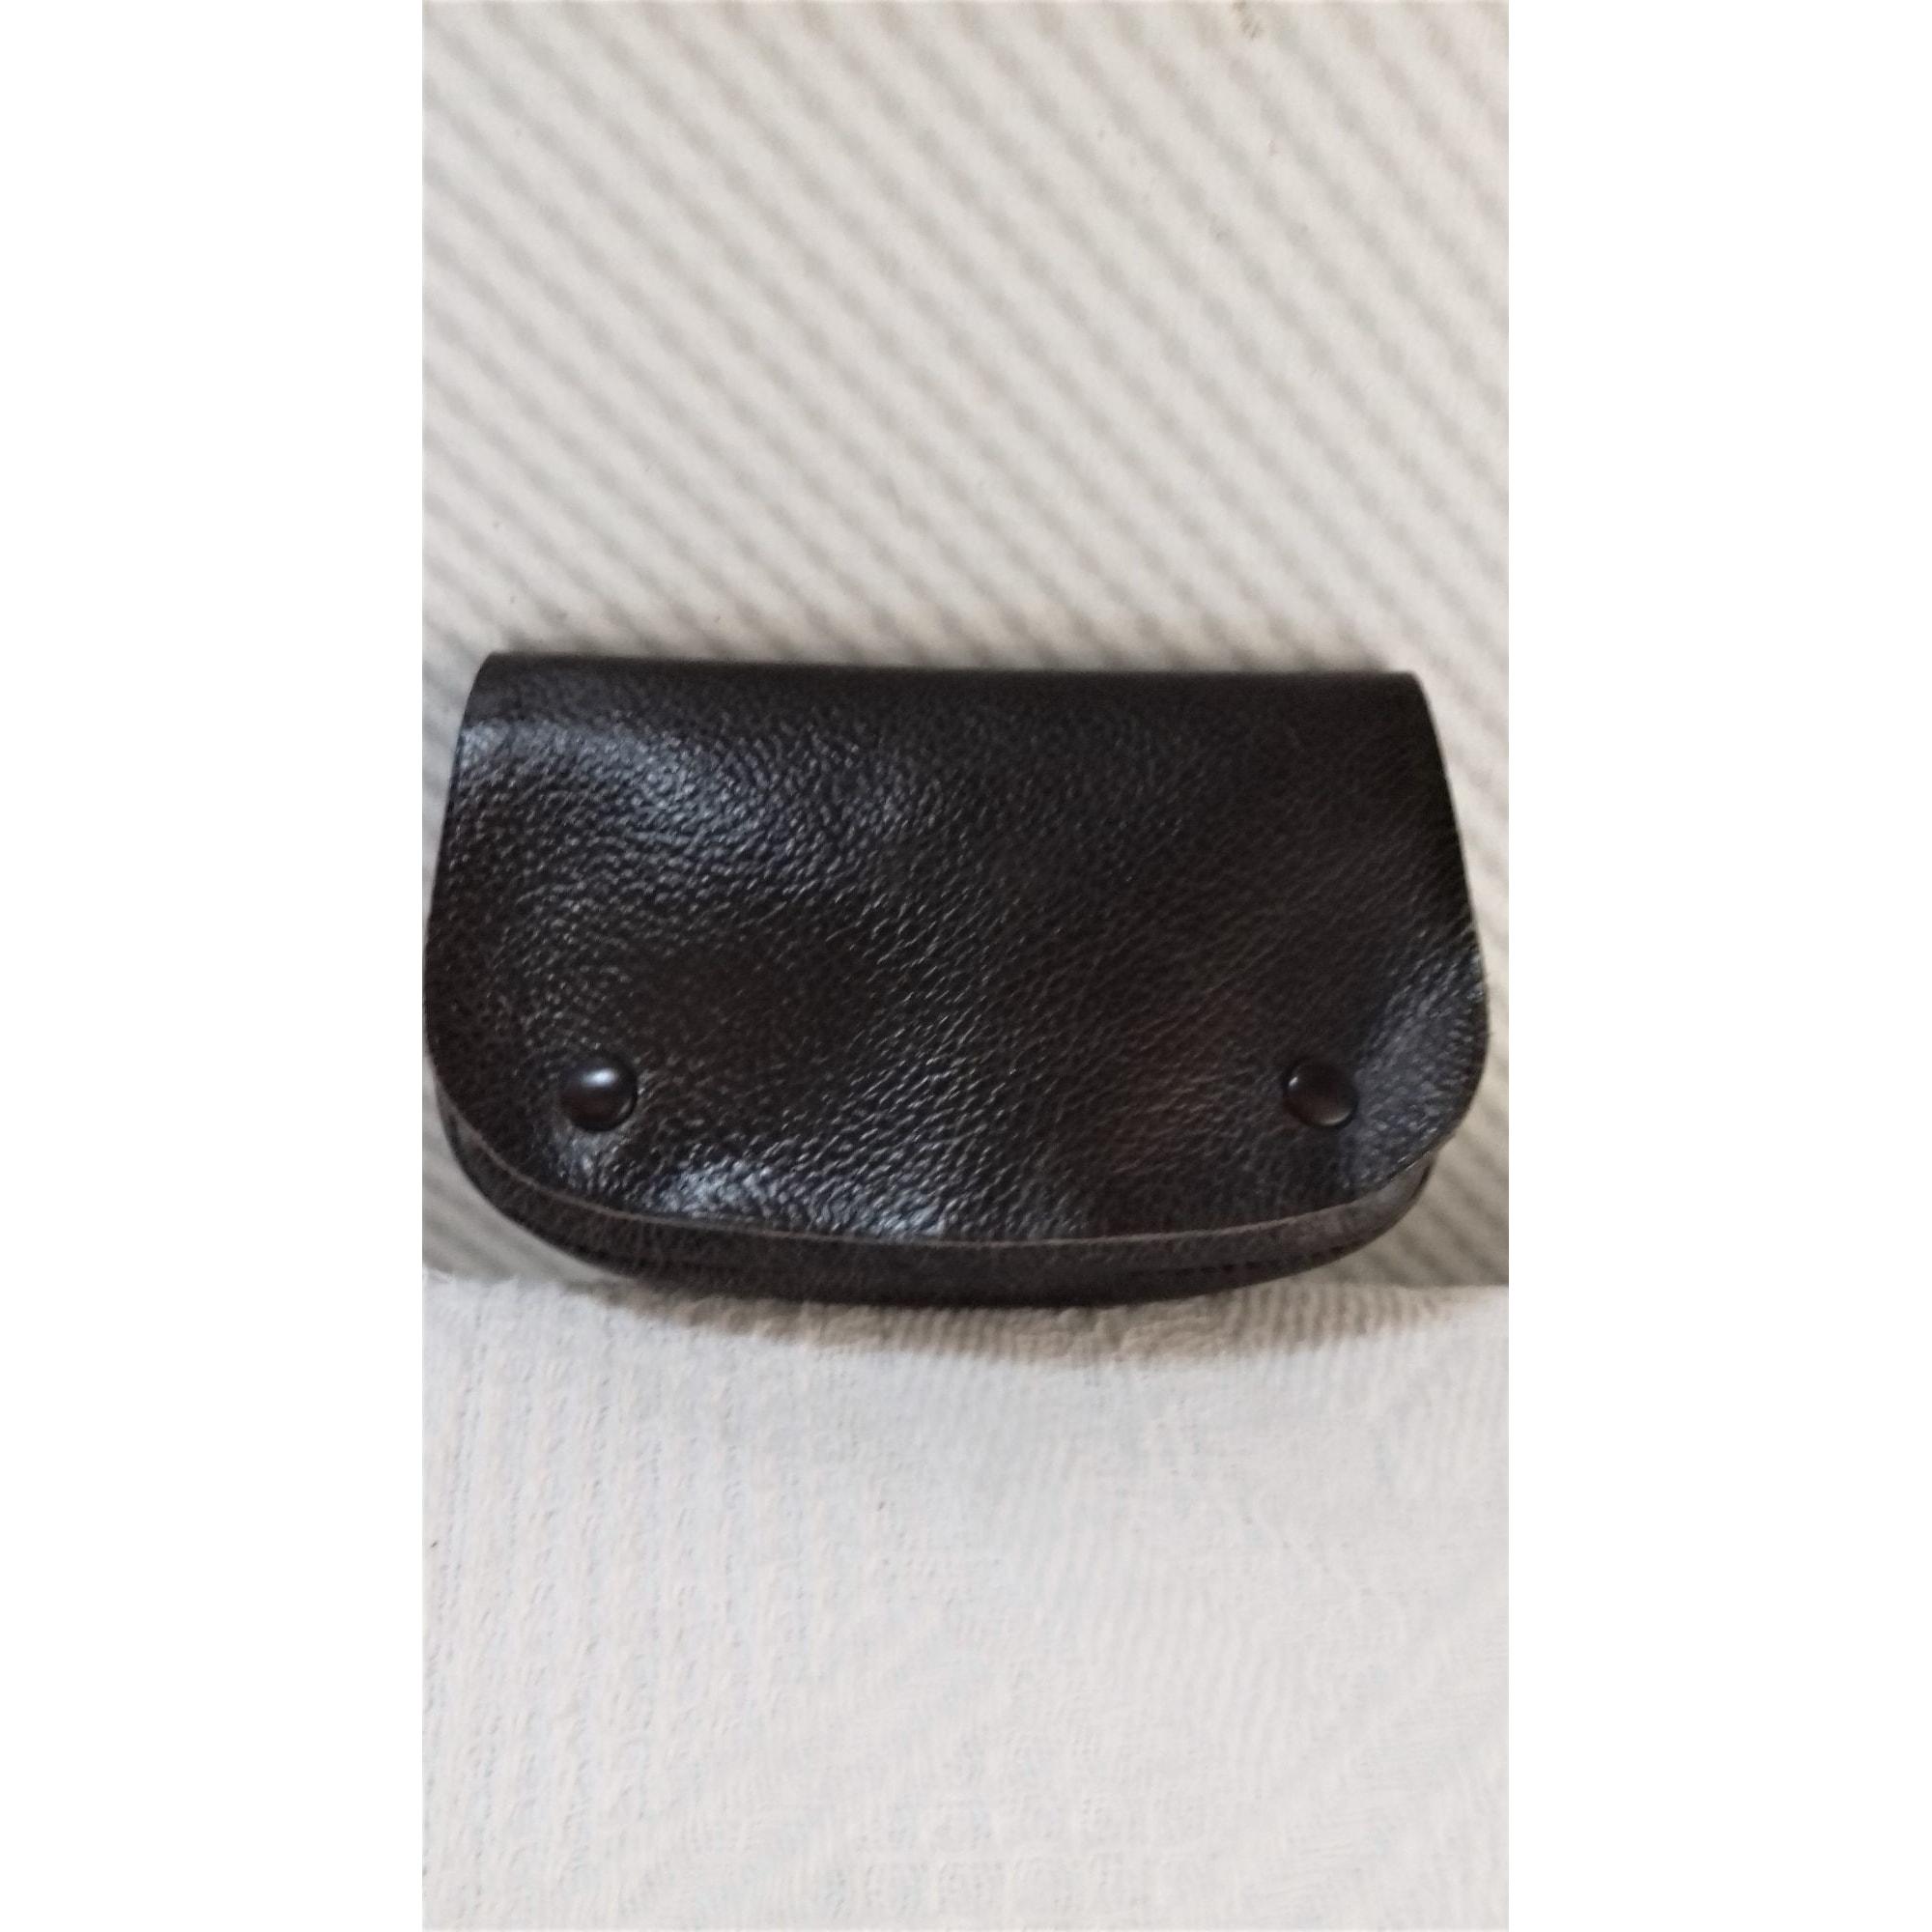 Porte-cigarette LE TANNEUR cuir marron